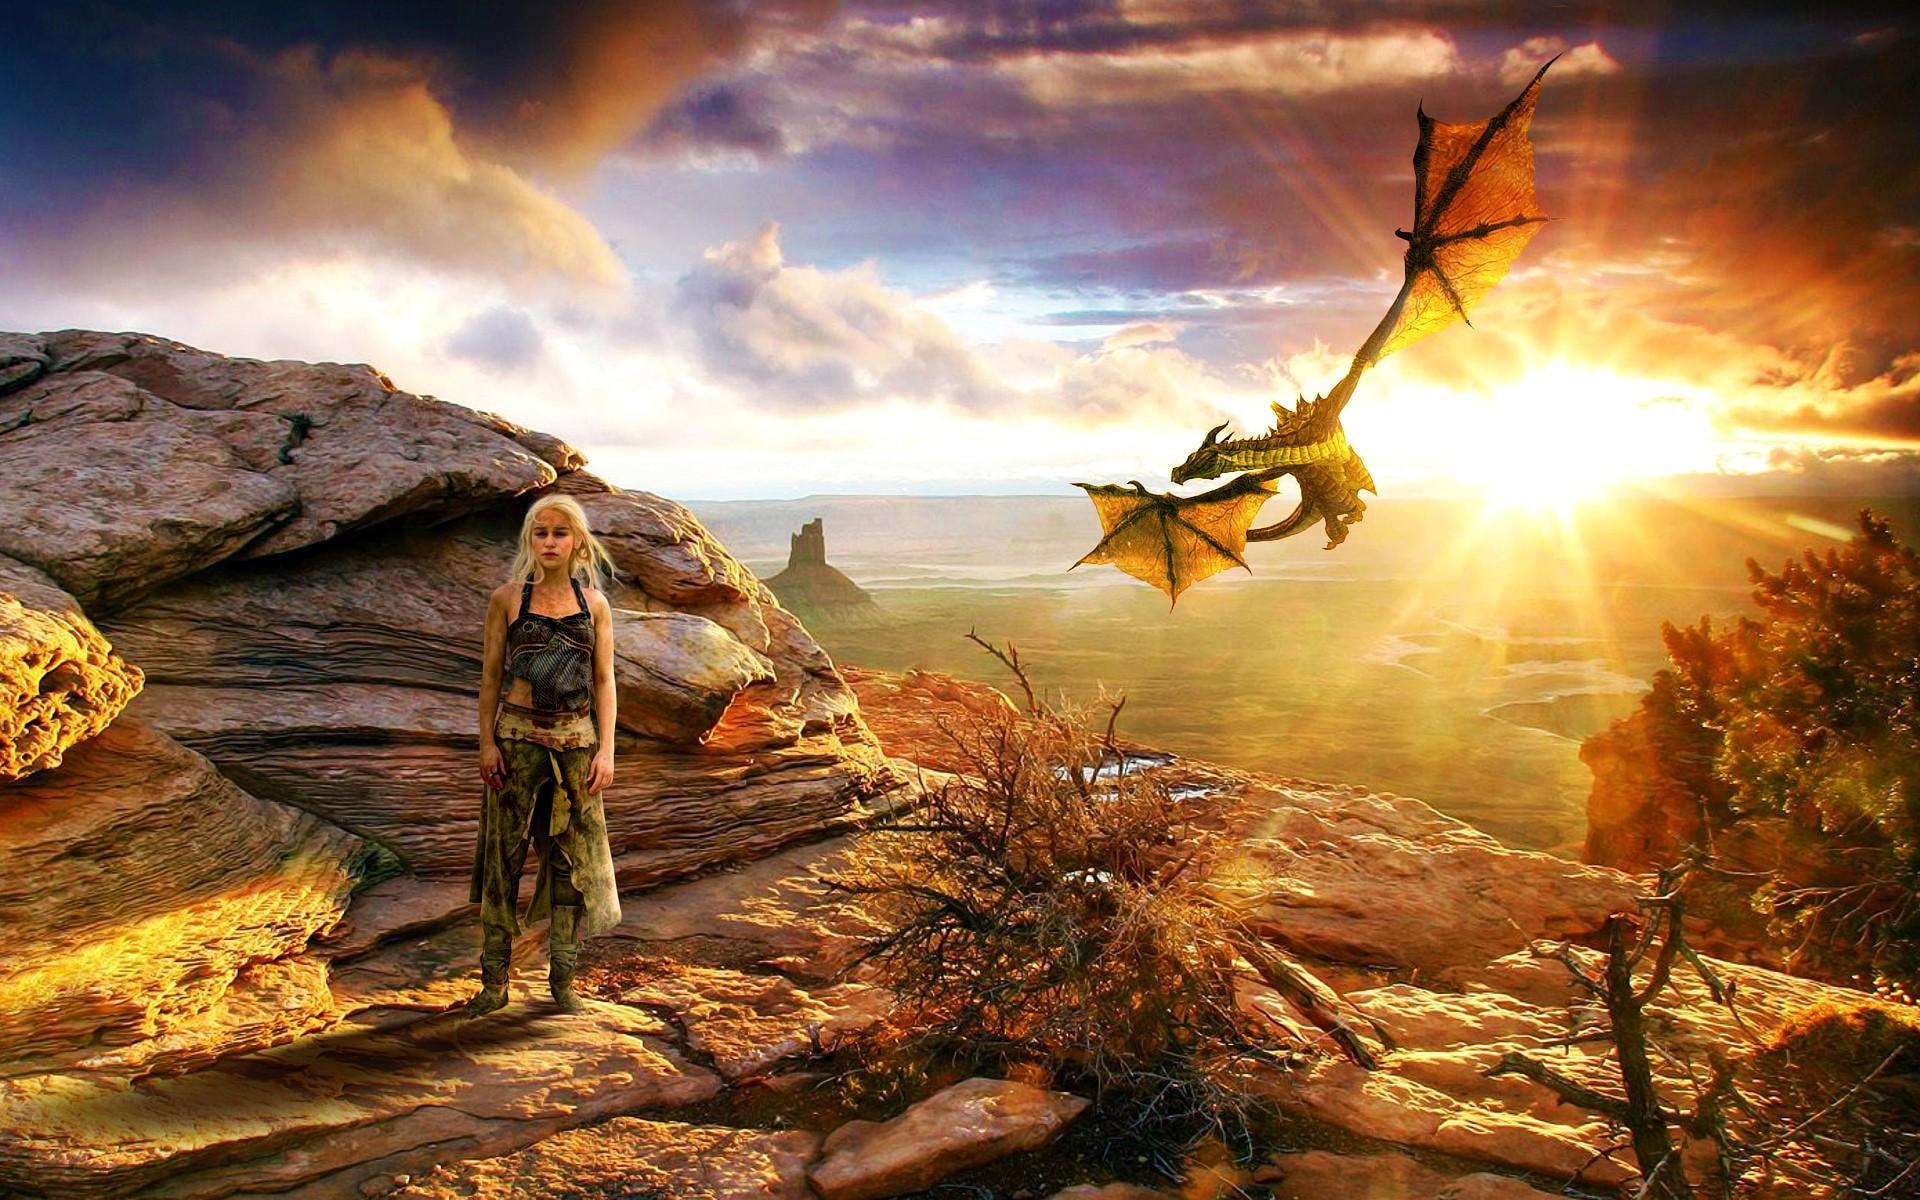 Game Of Thrones Dragon Wallpaper Download Best Desktop HD Wallpapers 1920x1200